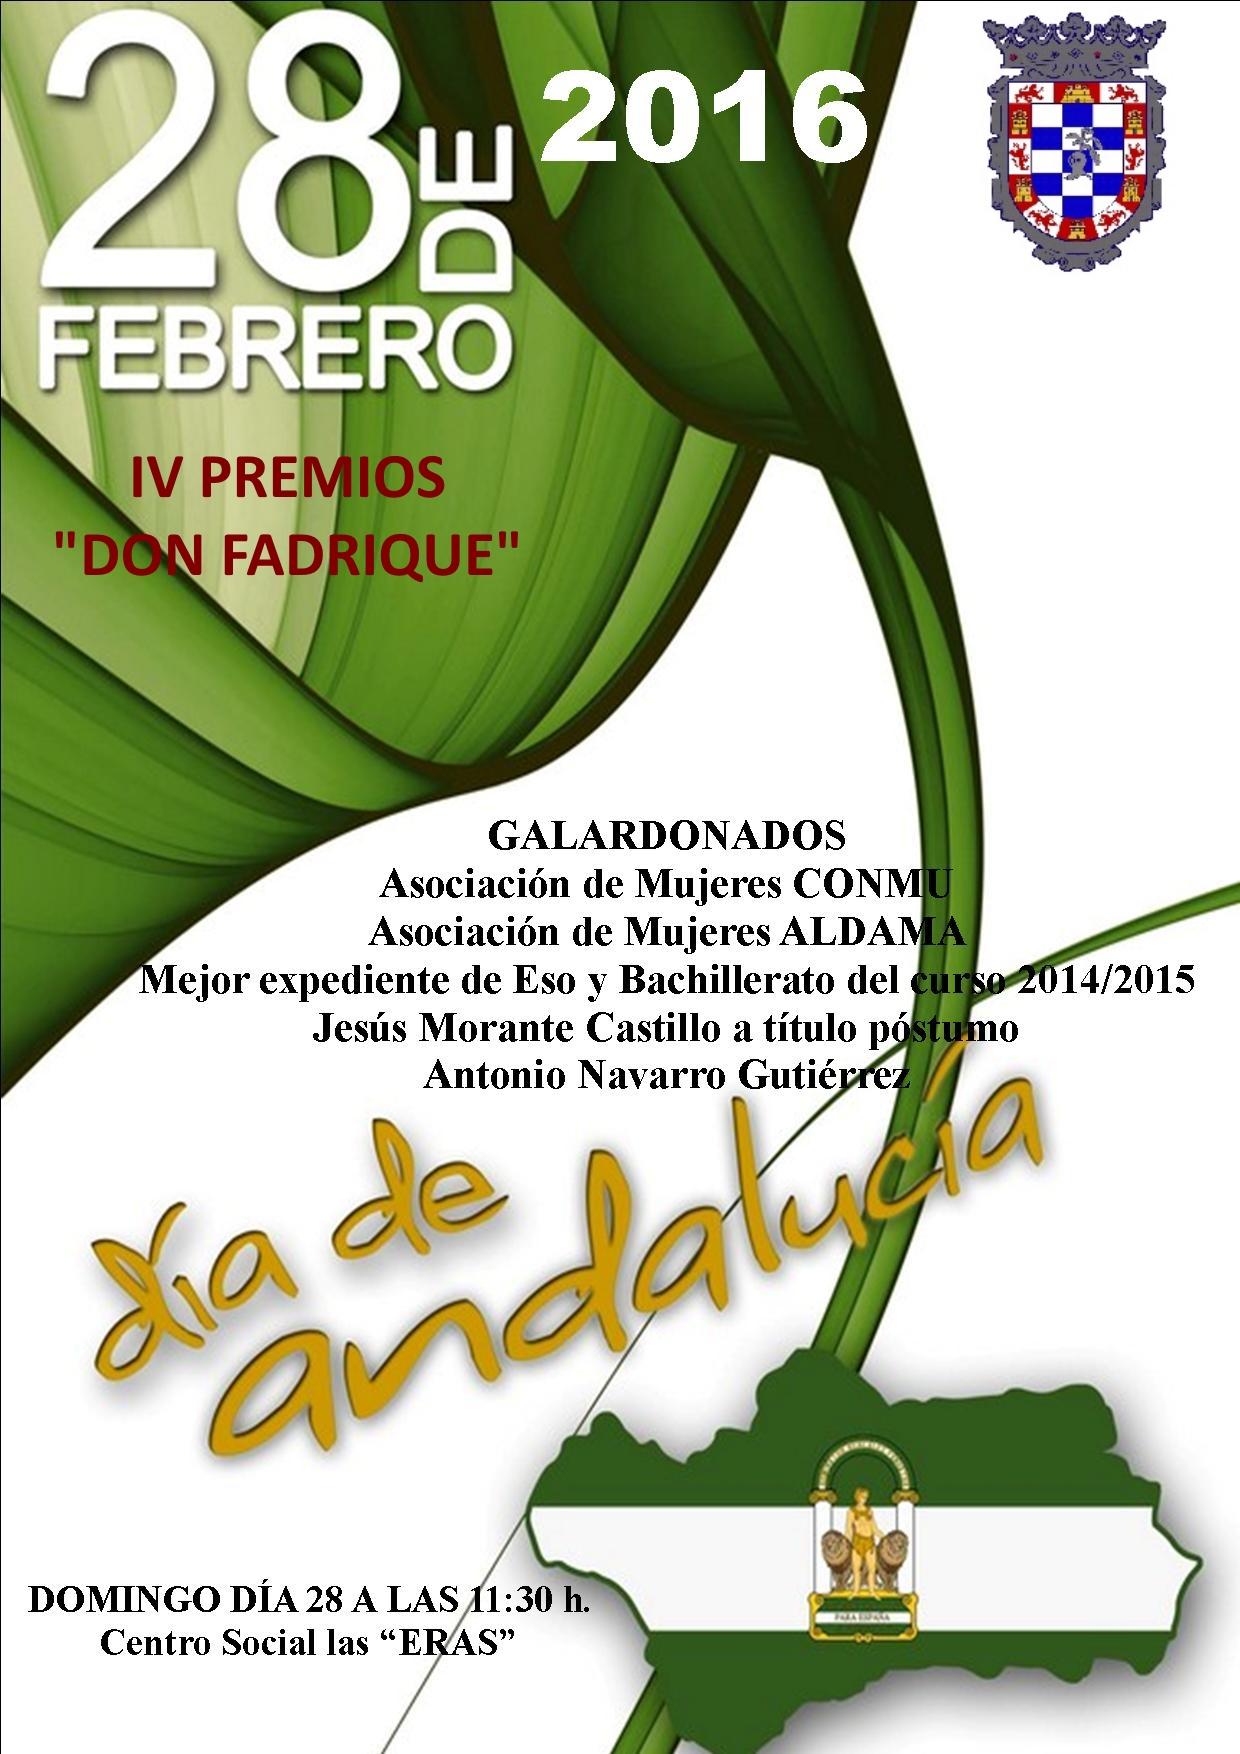 """IV Premios """"Don Fadrique"""" para el Día de Andalucía."""